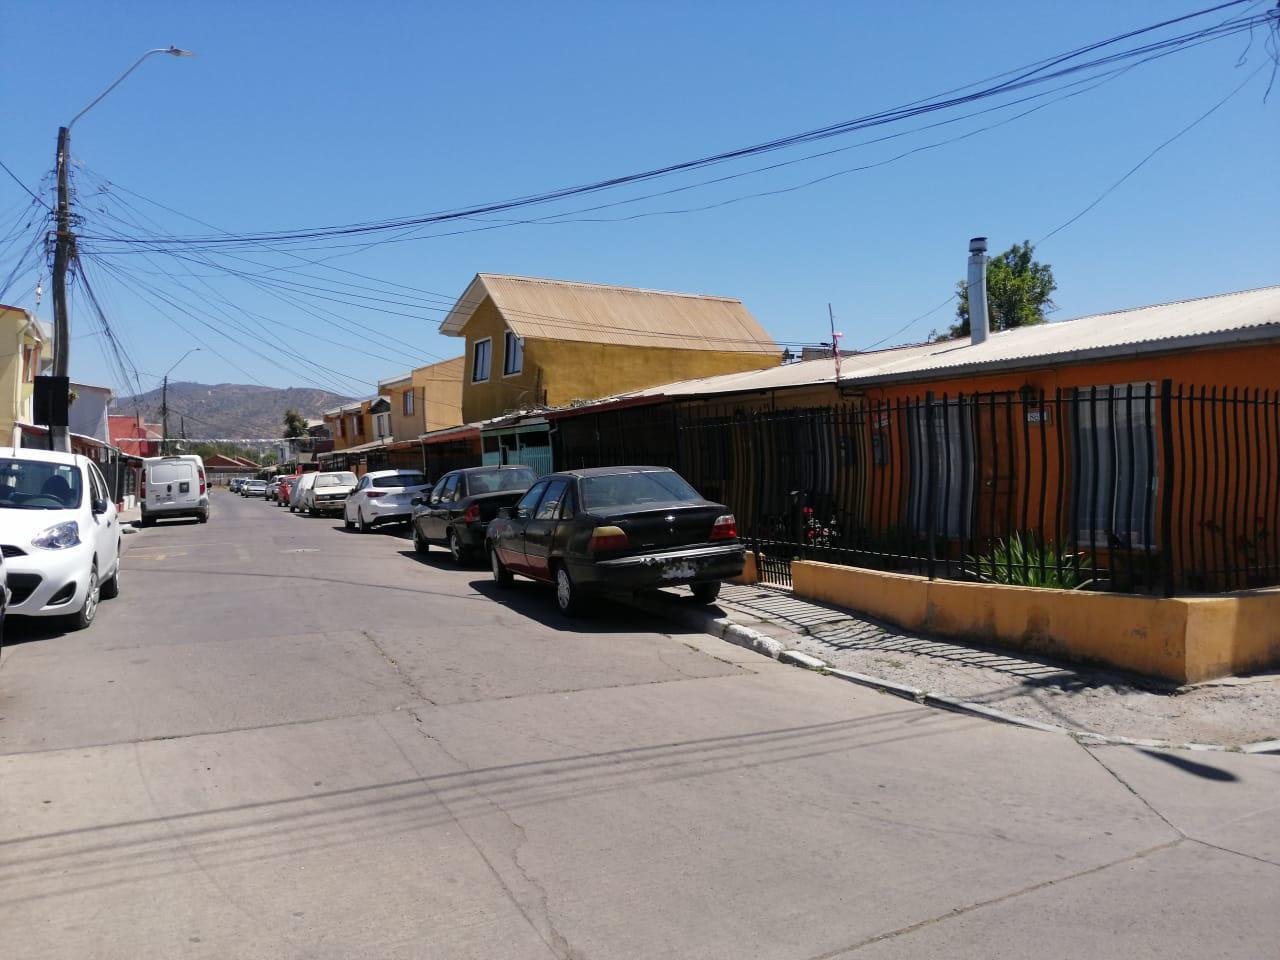 Vecinos de Quillota golpearon a ladrón con ladrillo en la cabeza para defenderse de robo - El Observador